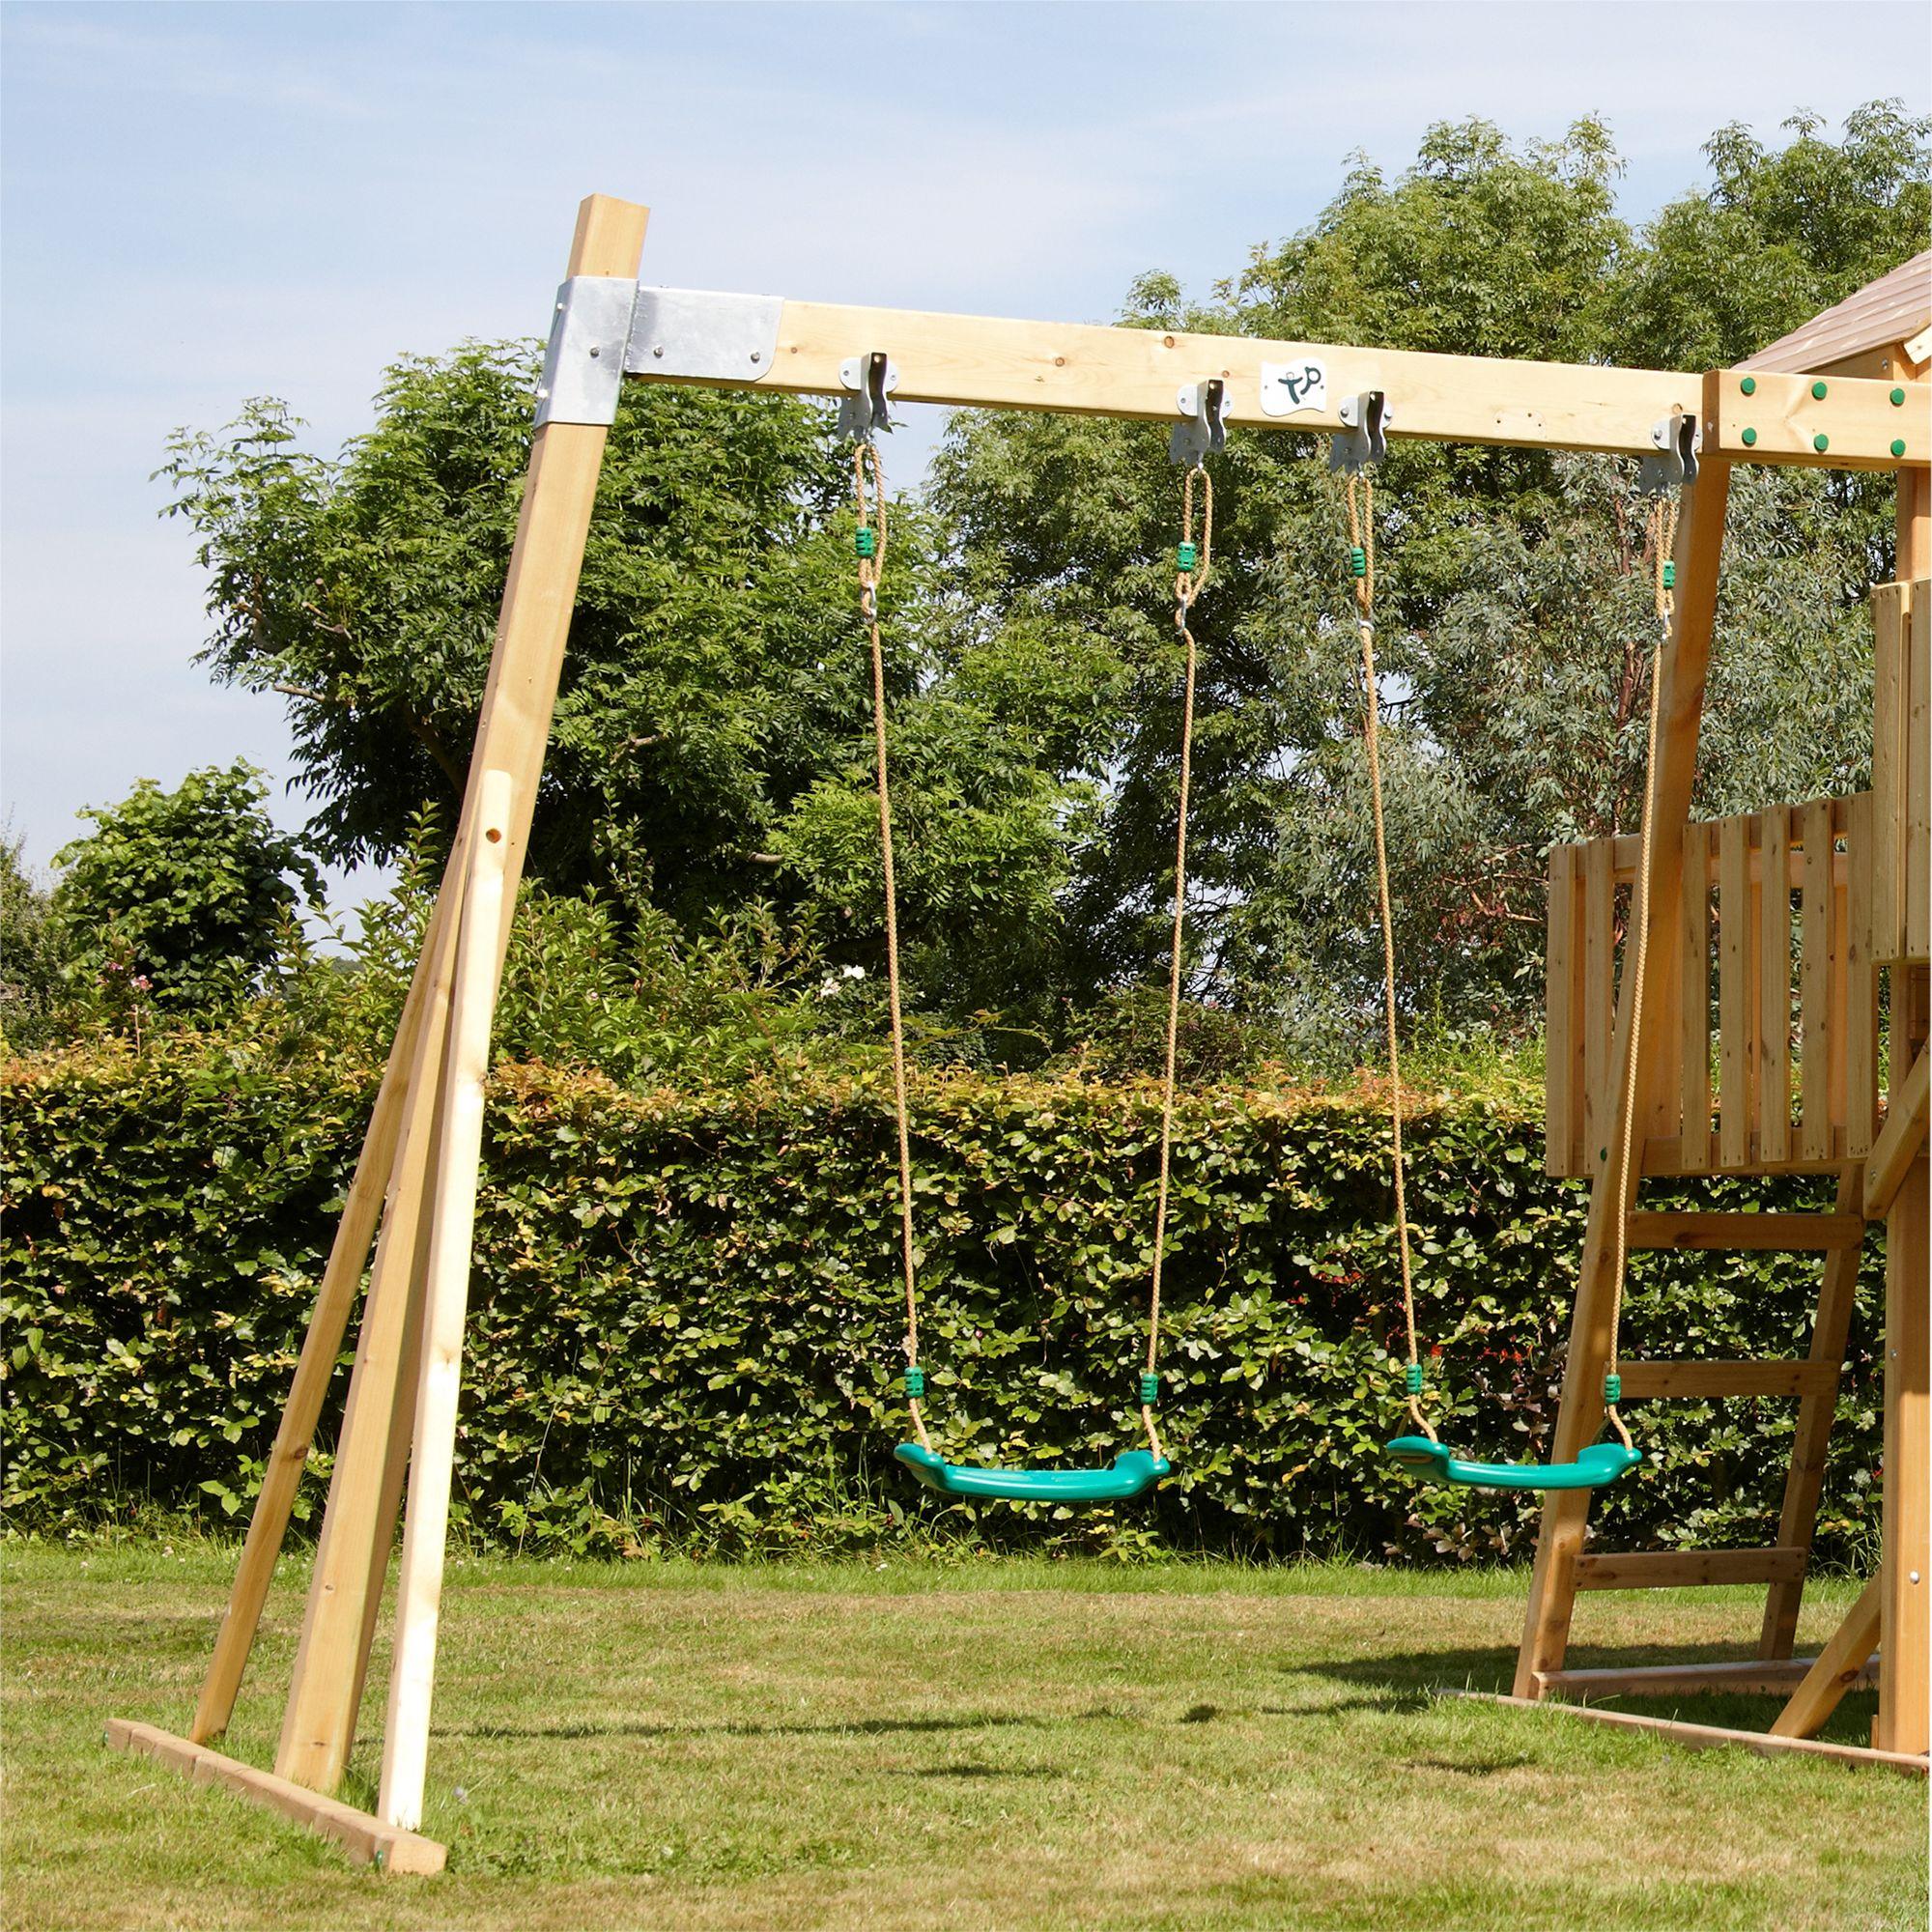 TP Toys TP Toys TP479P Kingswood2 Swing Arm Set